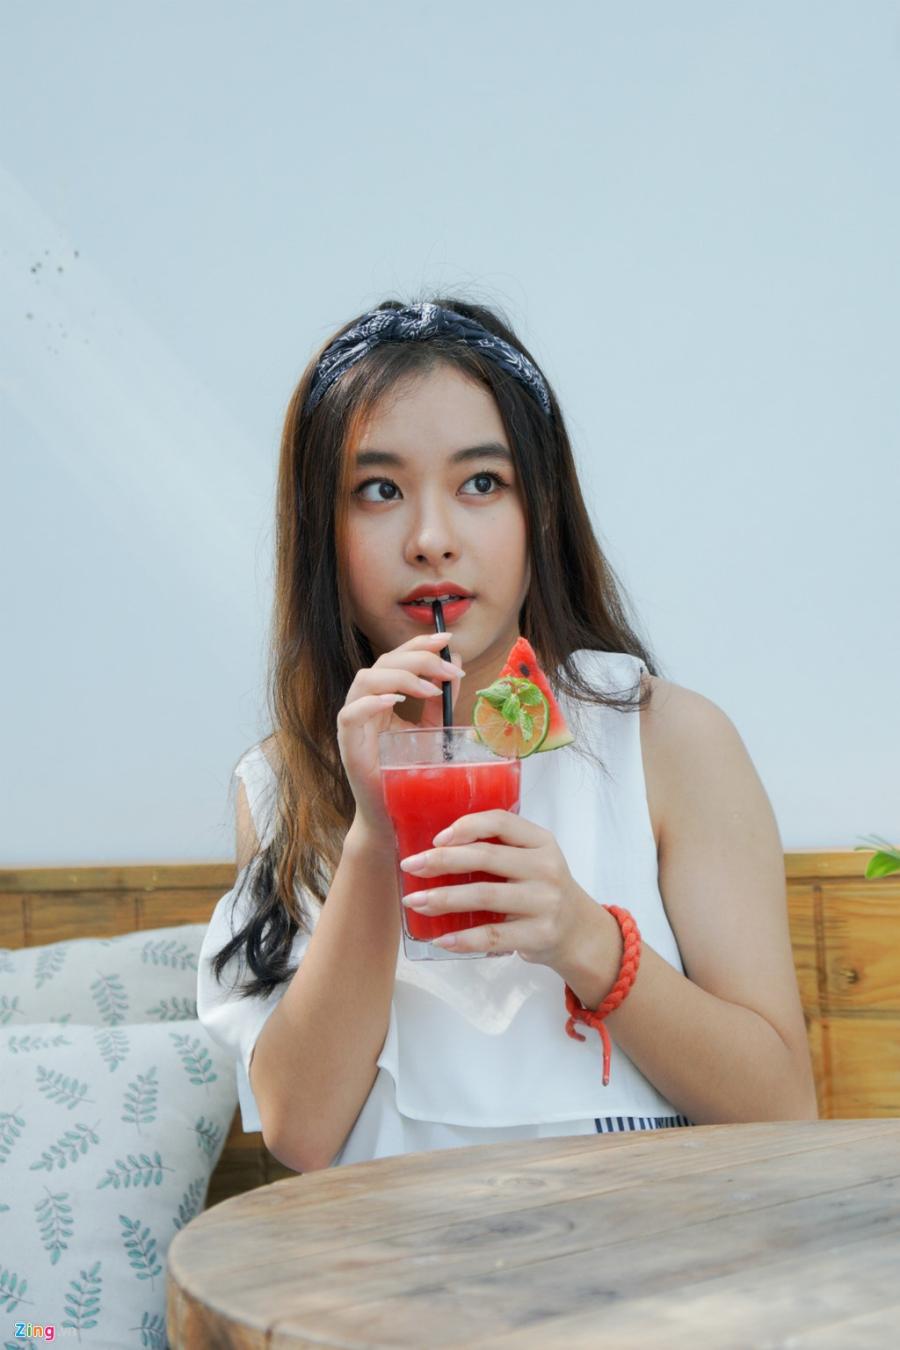 9X xinh dep dong MV cung My Tam, gioi 2 ngoai ngu, rat thich choi game hinh anh 5